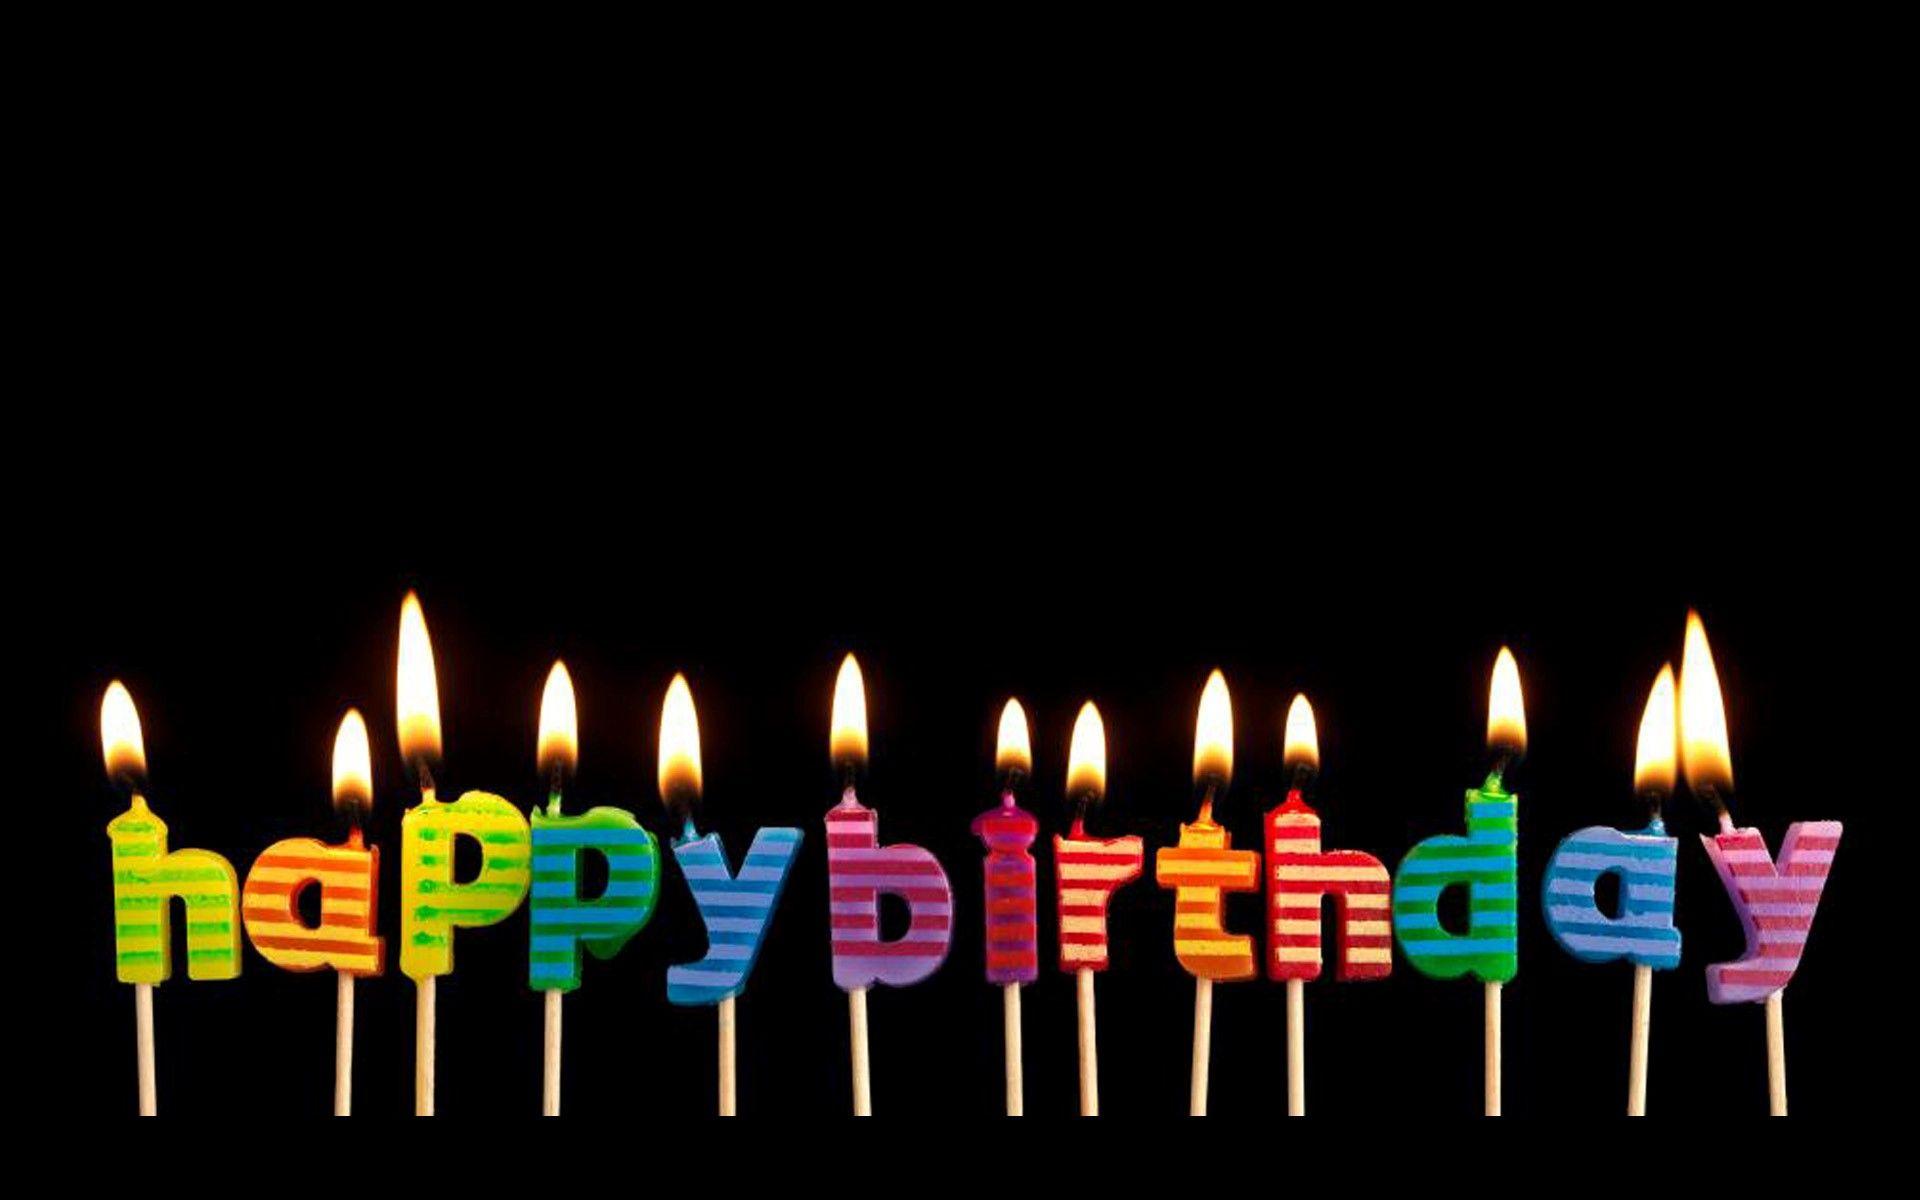 Happy Birthday Wallpaper Birthday Wishes Wallpapers Feliz Aniversario Aniversario Cartoes De Feliz Aniversario